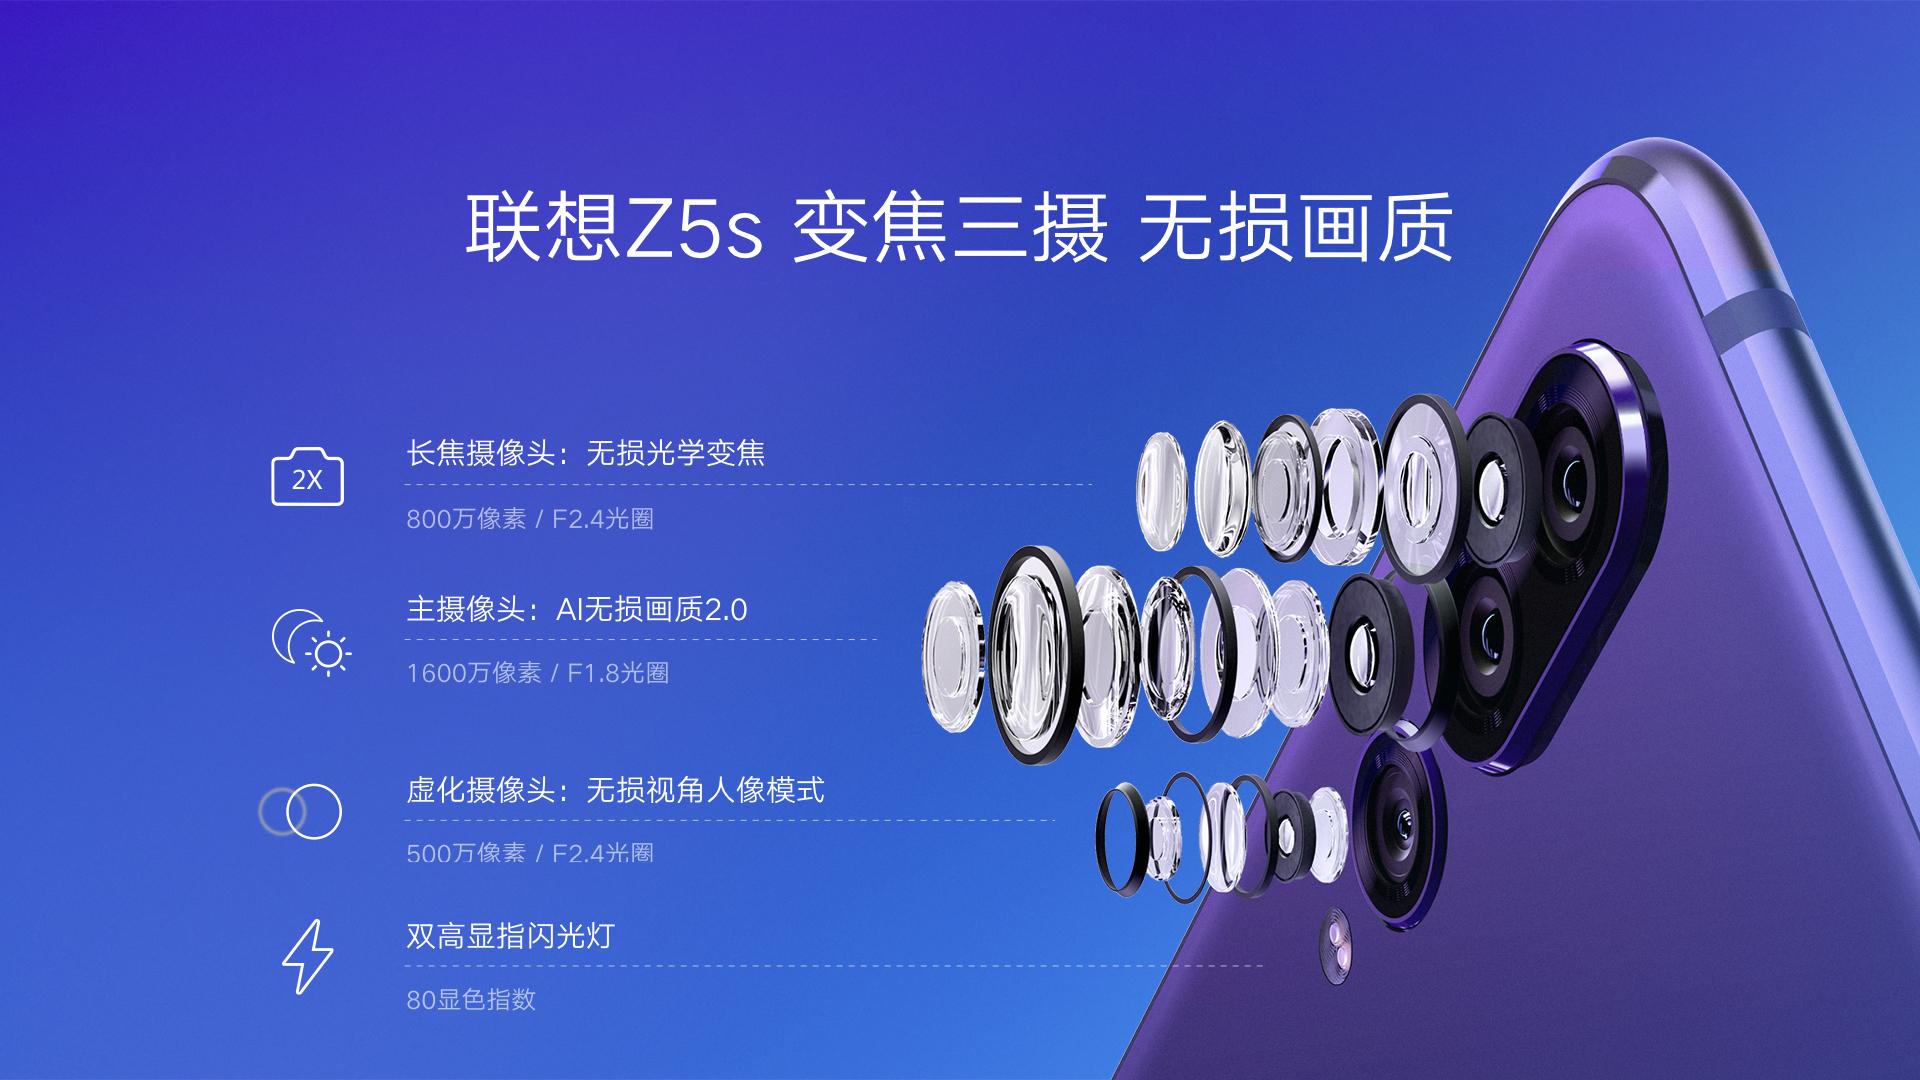 联想发布四款新机:朱一龙版颜值杀 骁龙855的照片 - 7